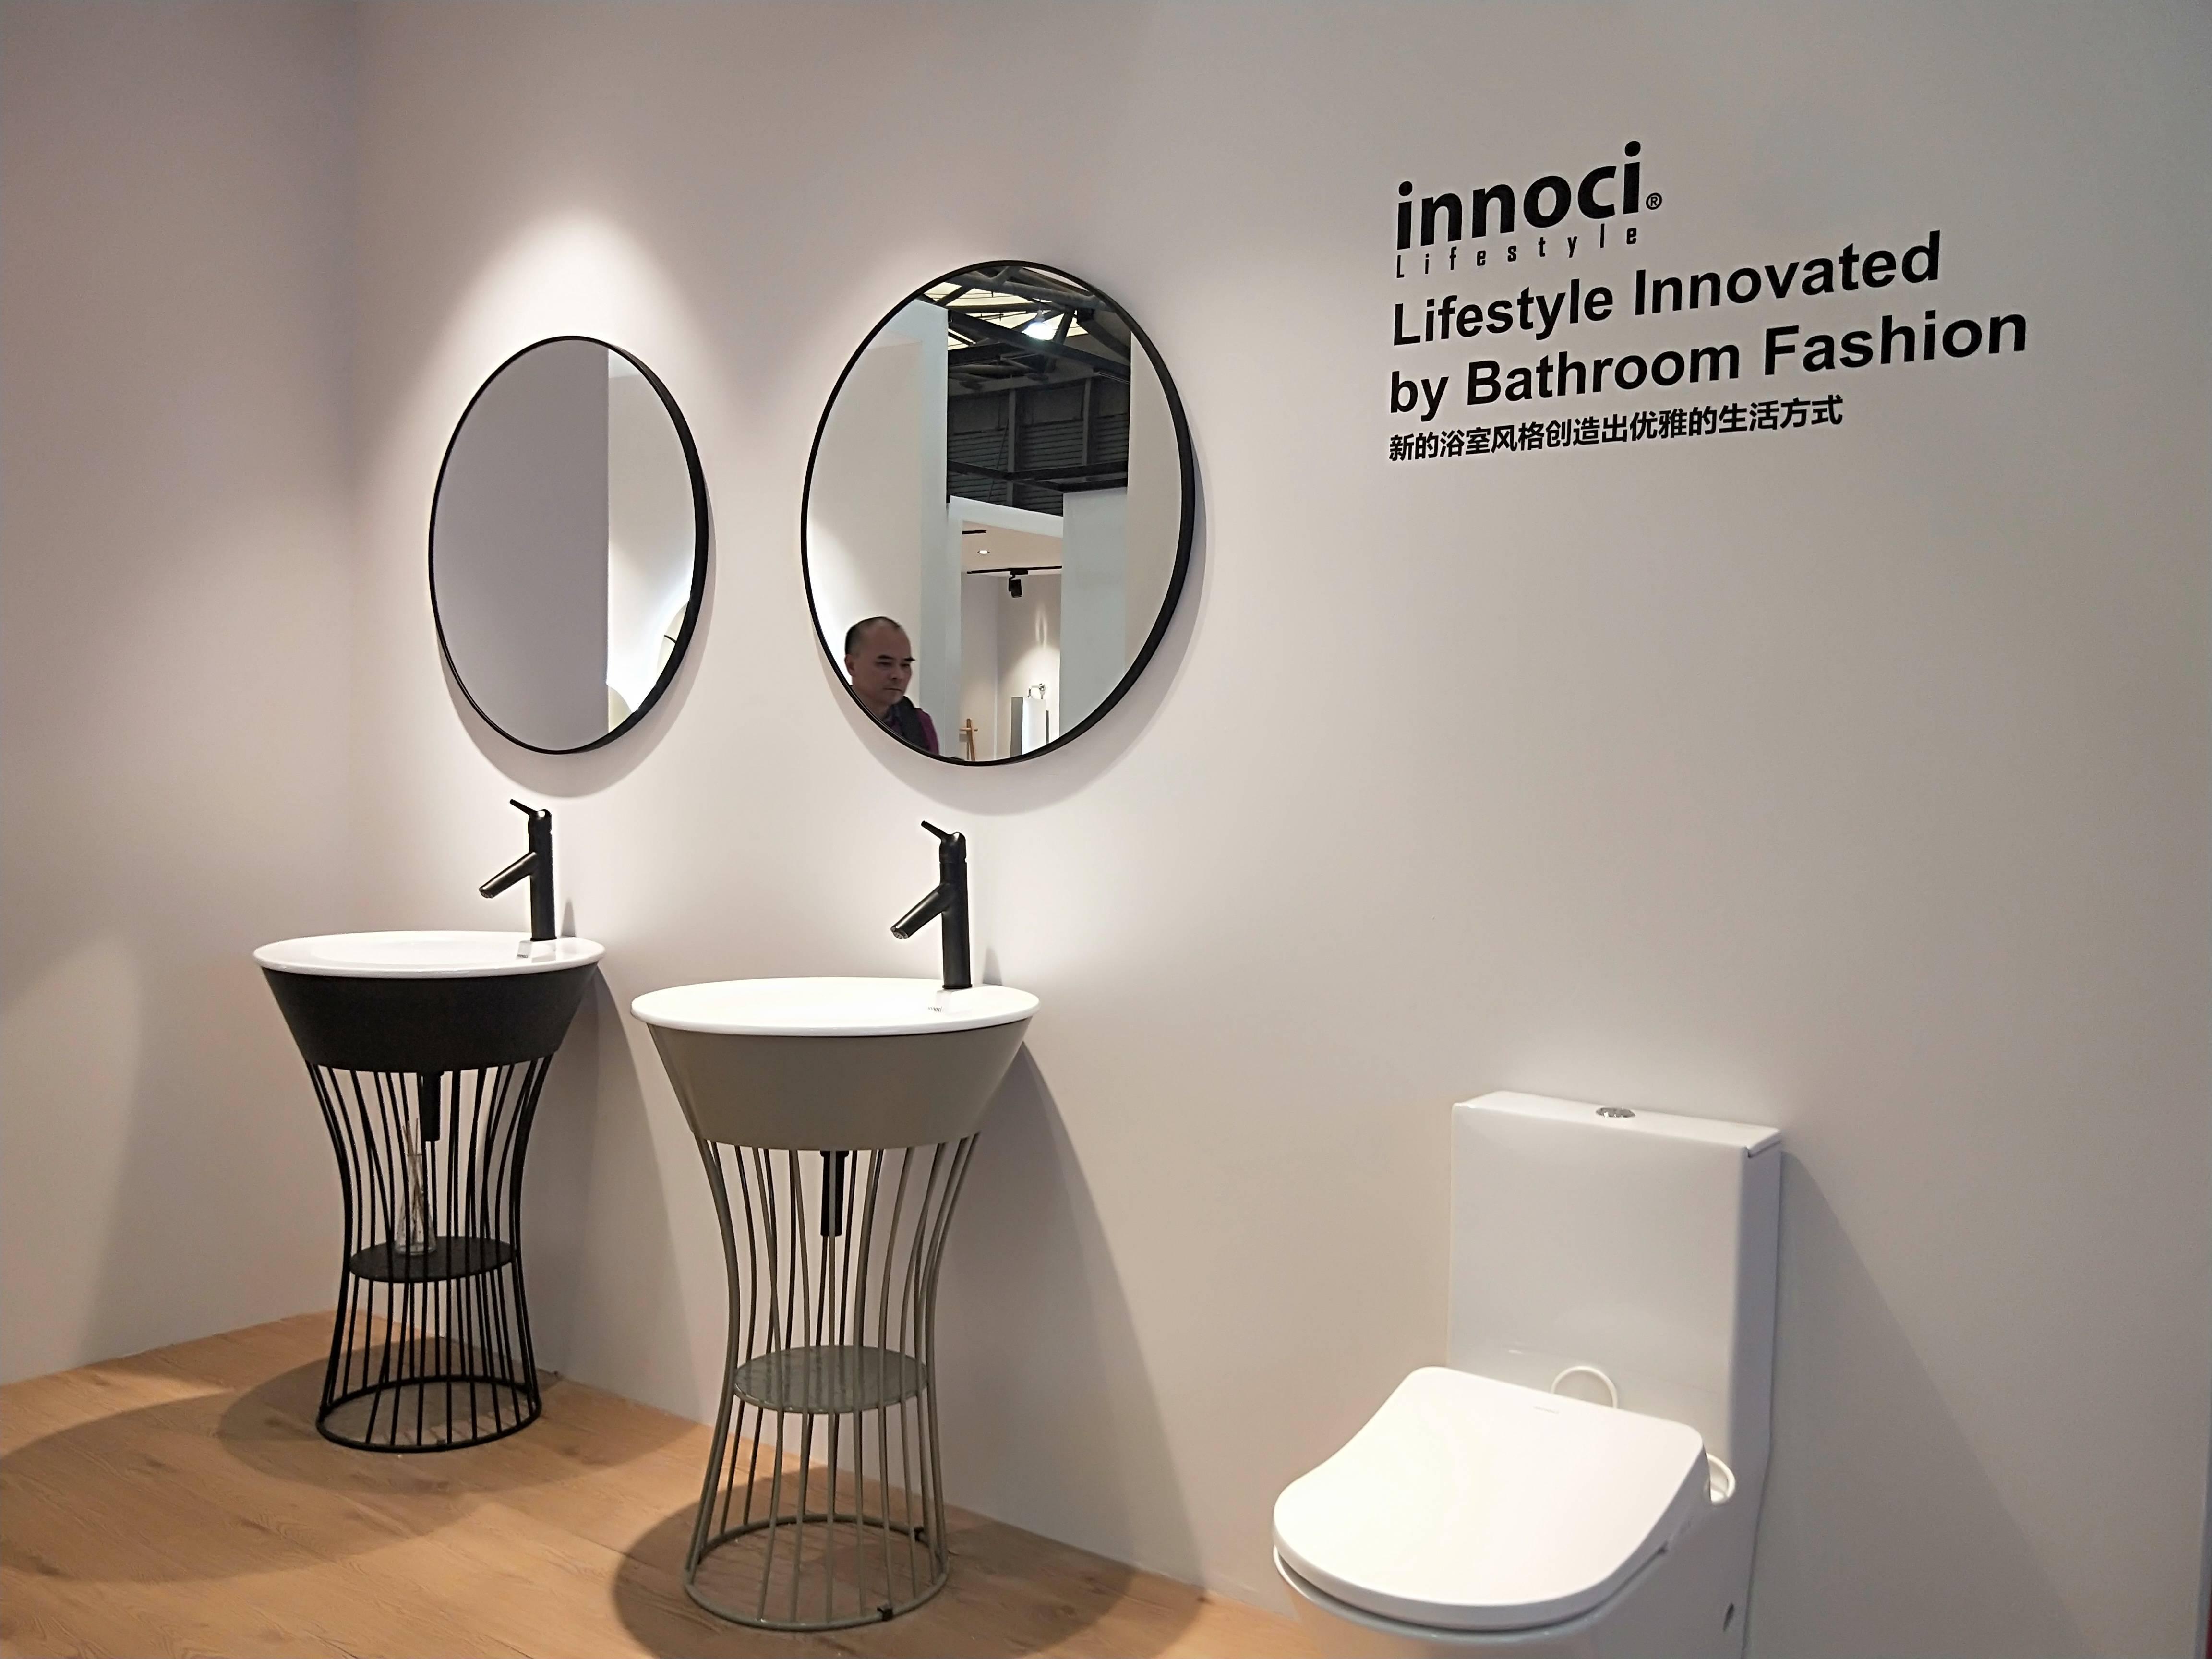 伊奈的产品风格总是这么的优雅和清新,轻巧的造型设计,特别适合小空间使用。